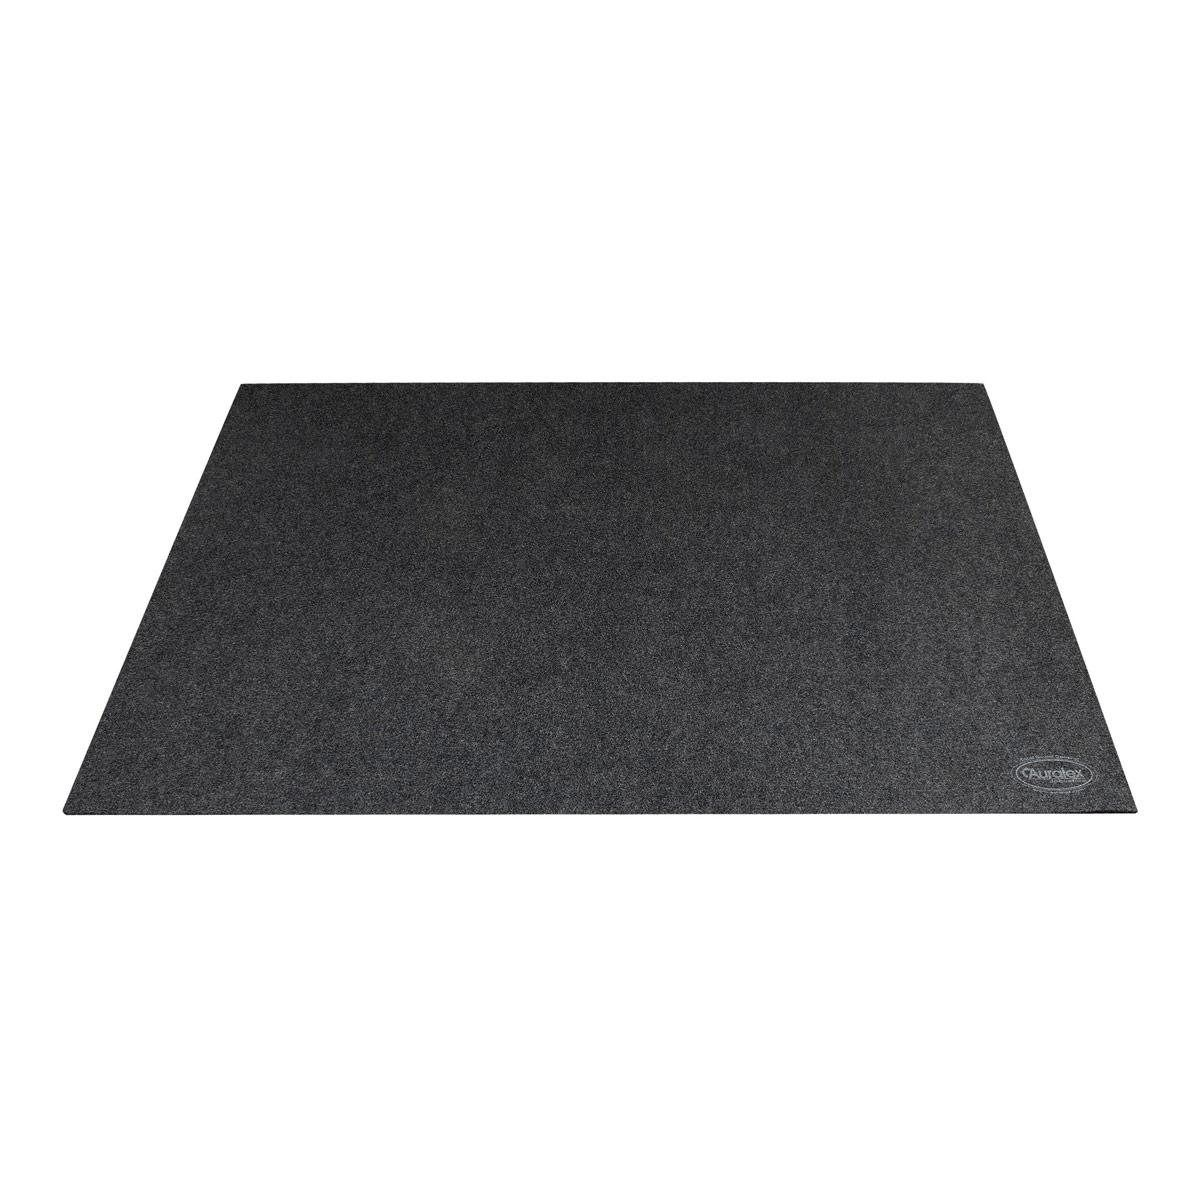 auralex acoustics hovermat tapis isolant pour batterie studio isolants acoustiques achat. Black Bedroom Furniture Sets. Home Design Ideas